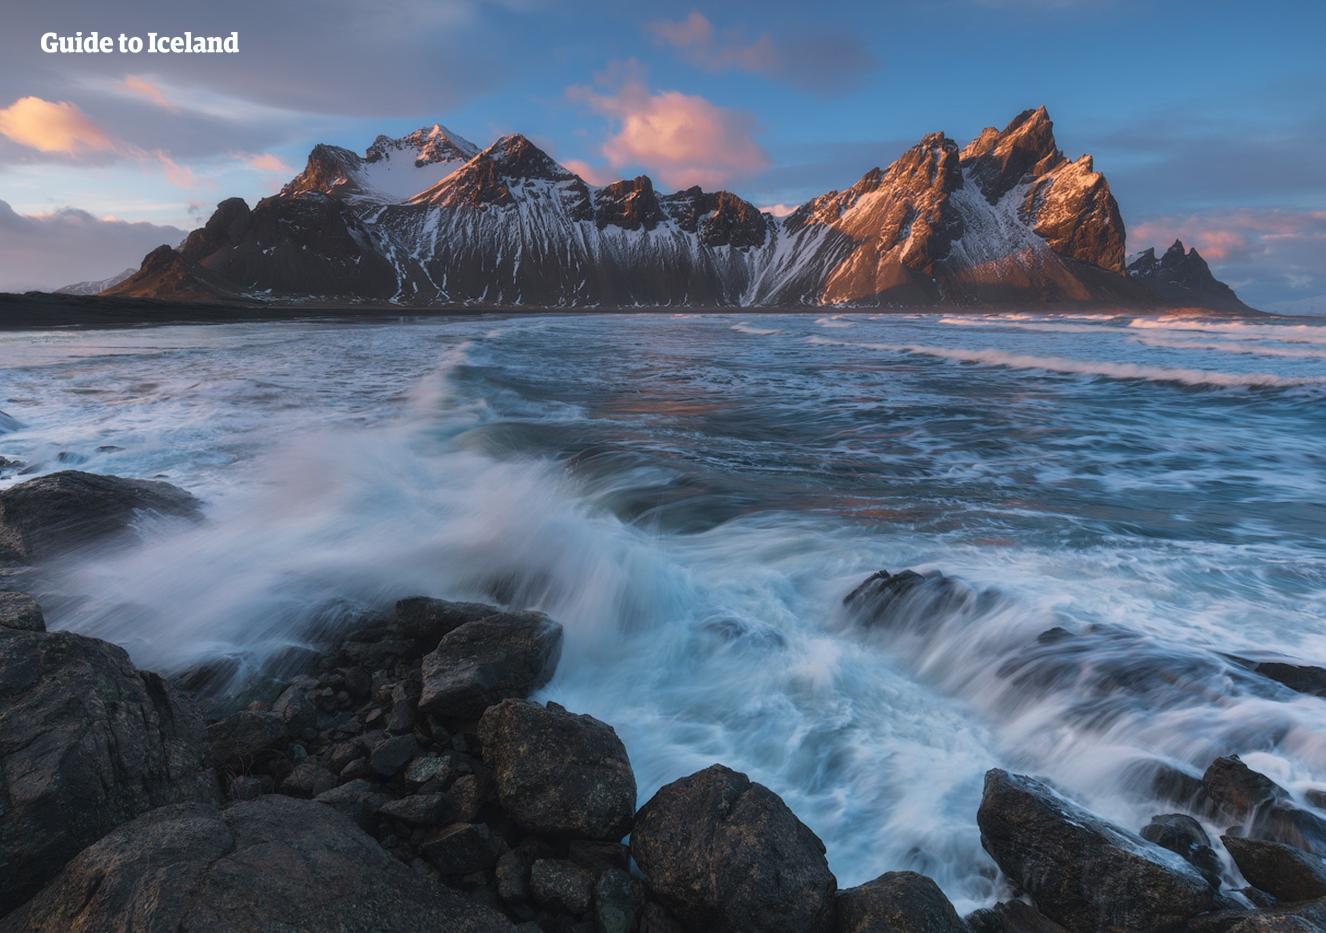 동부 피요르드에는 아이슬란드에서만 관측 가능한 특별한 경치들을 목격하실 수 있습니다